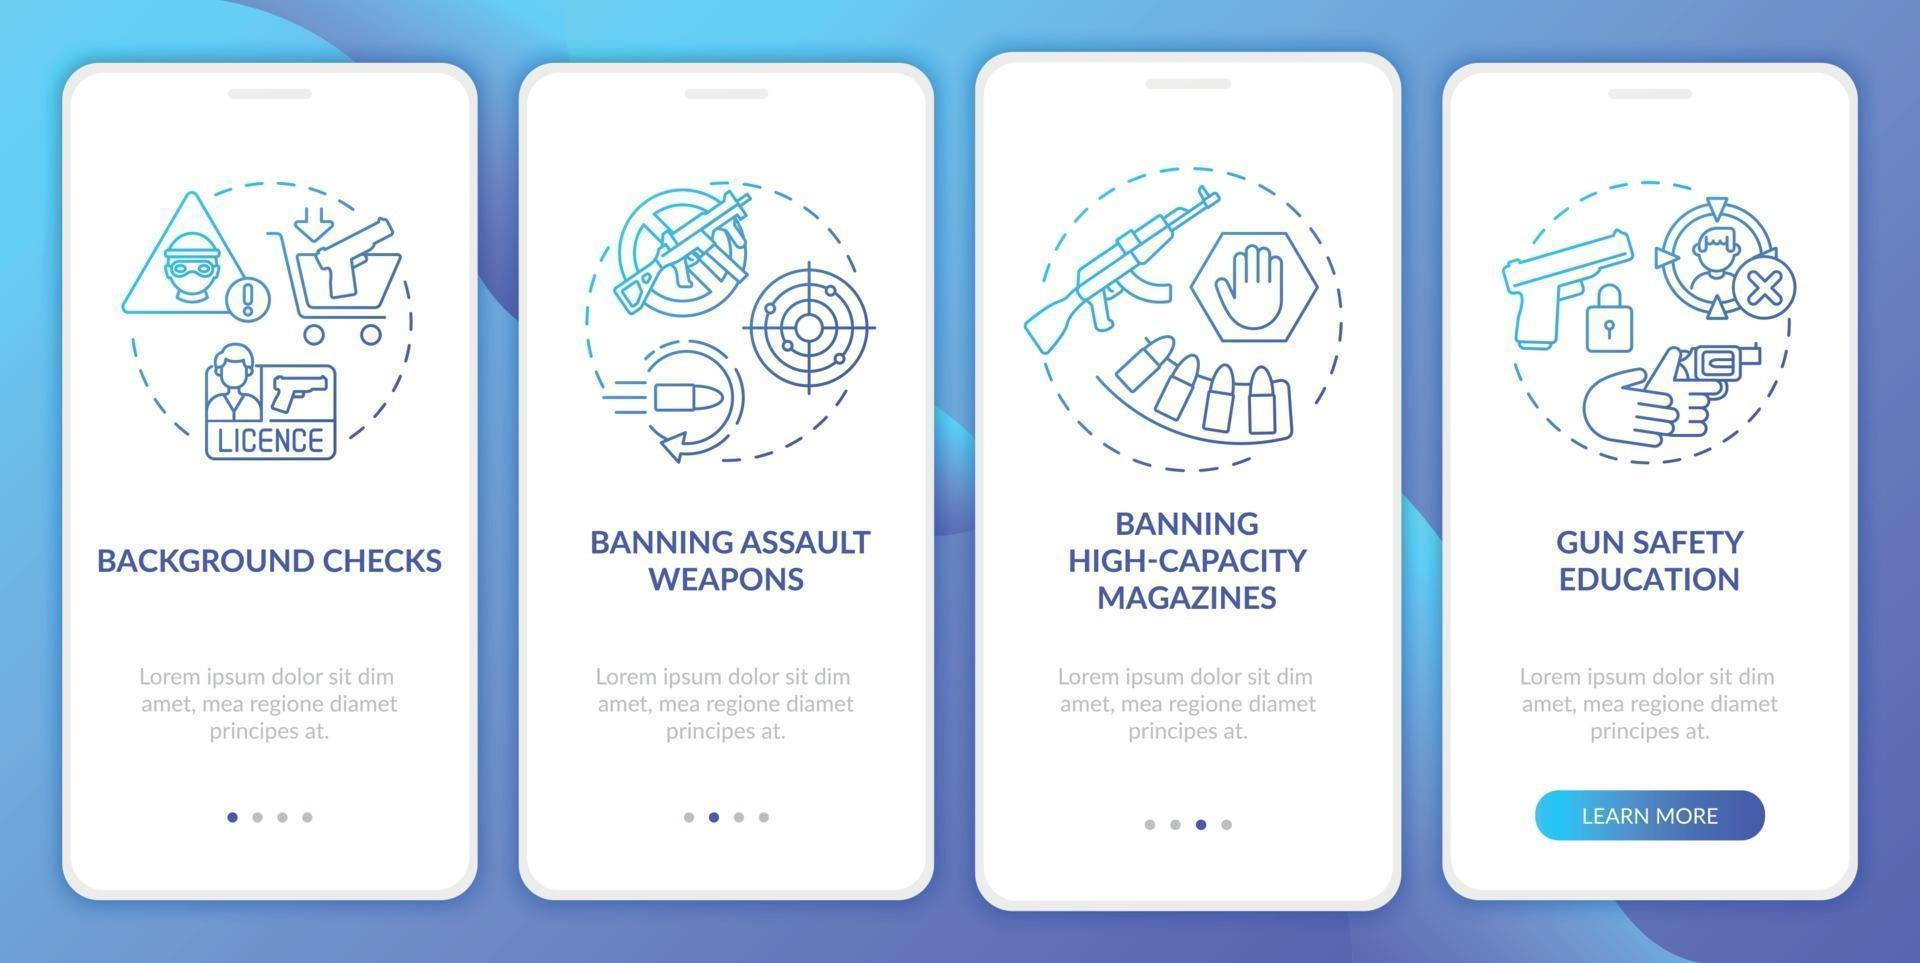 tela da página do aplicativo móvel de integração com as diretrizes de segurança de armas azul escuro com conceitos vetor